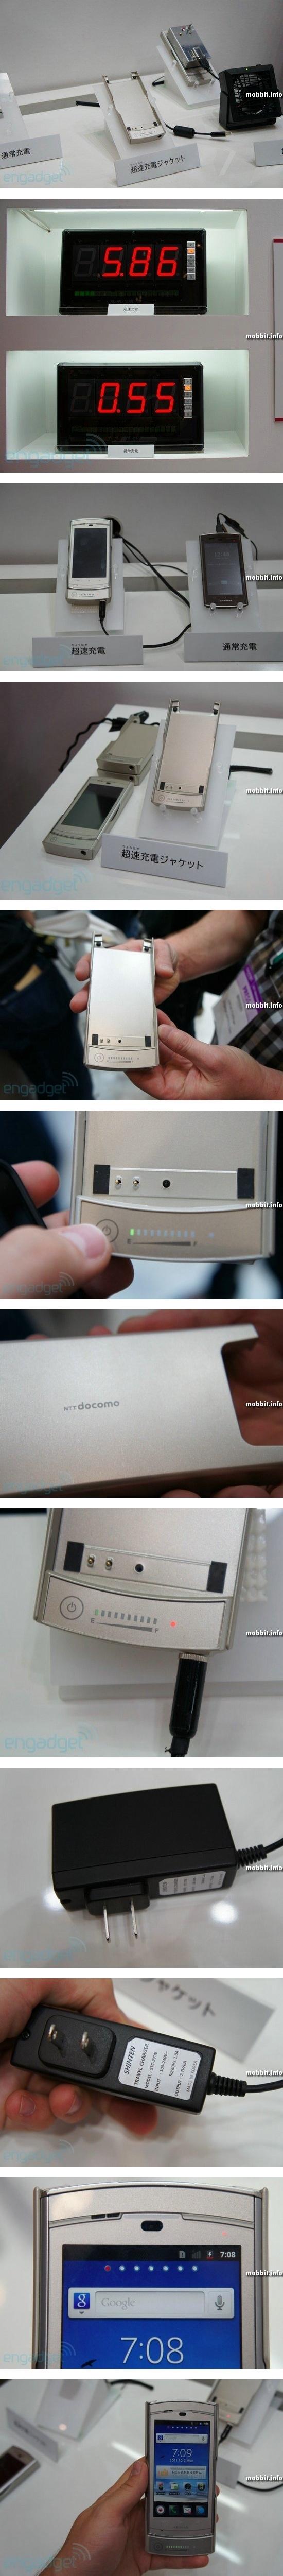 Батарея для смартфона, которая заряжается за 10 минут